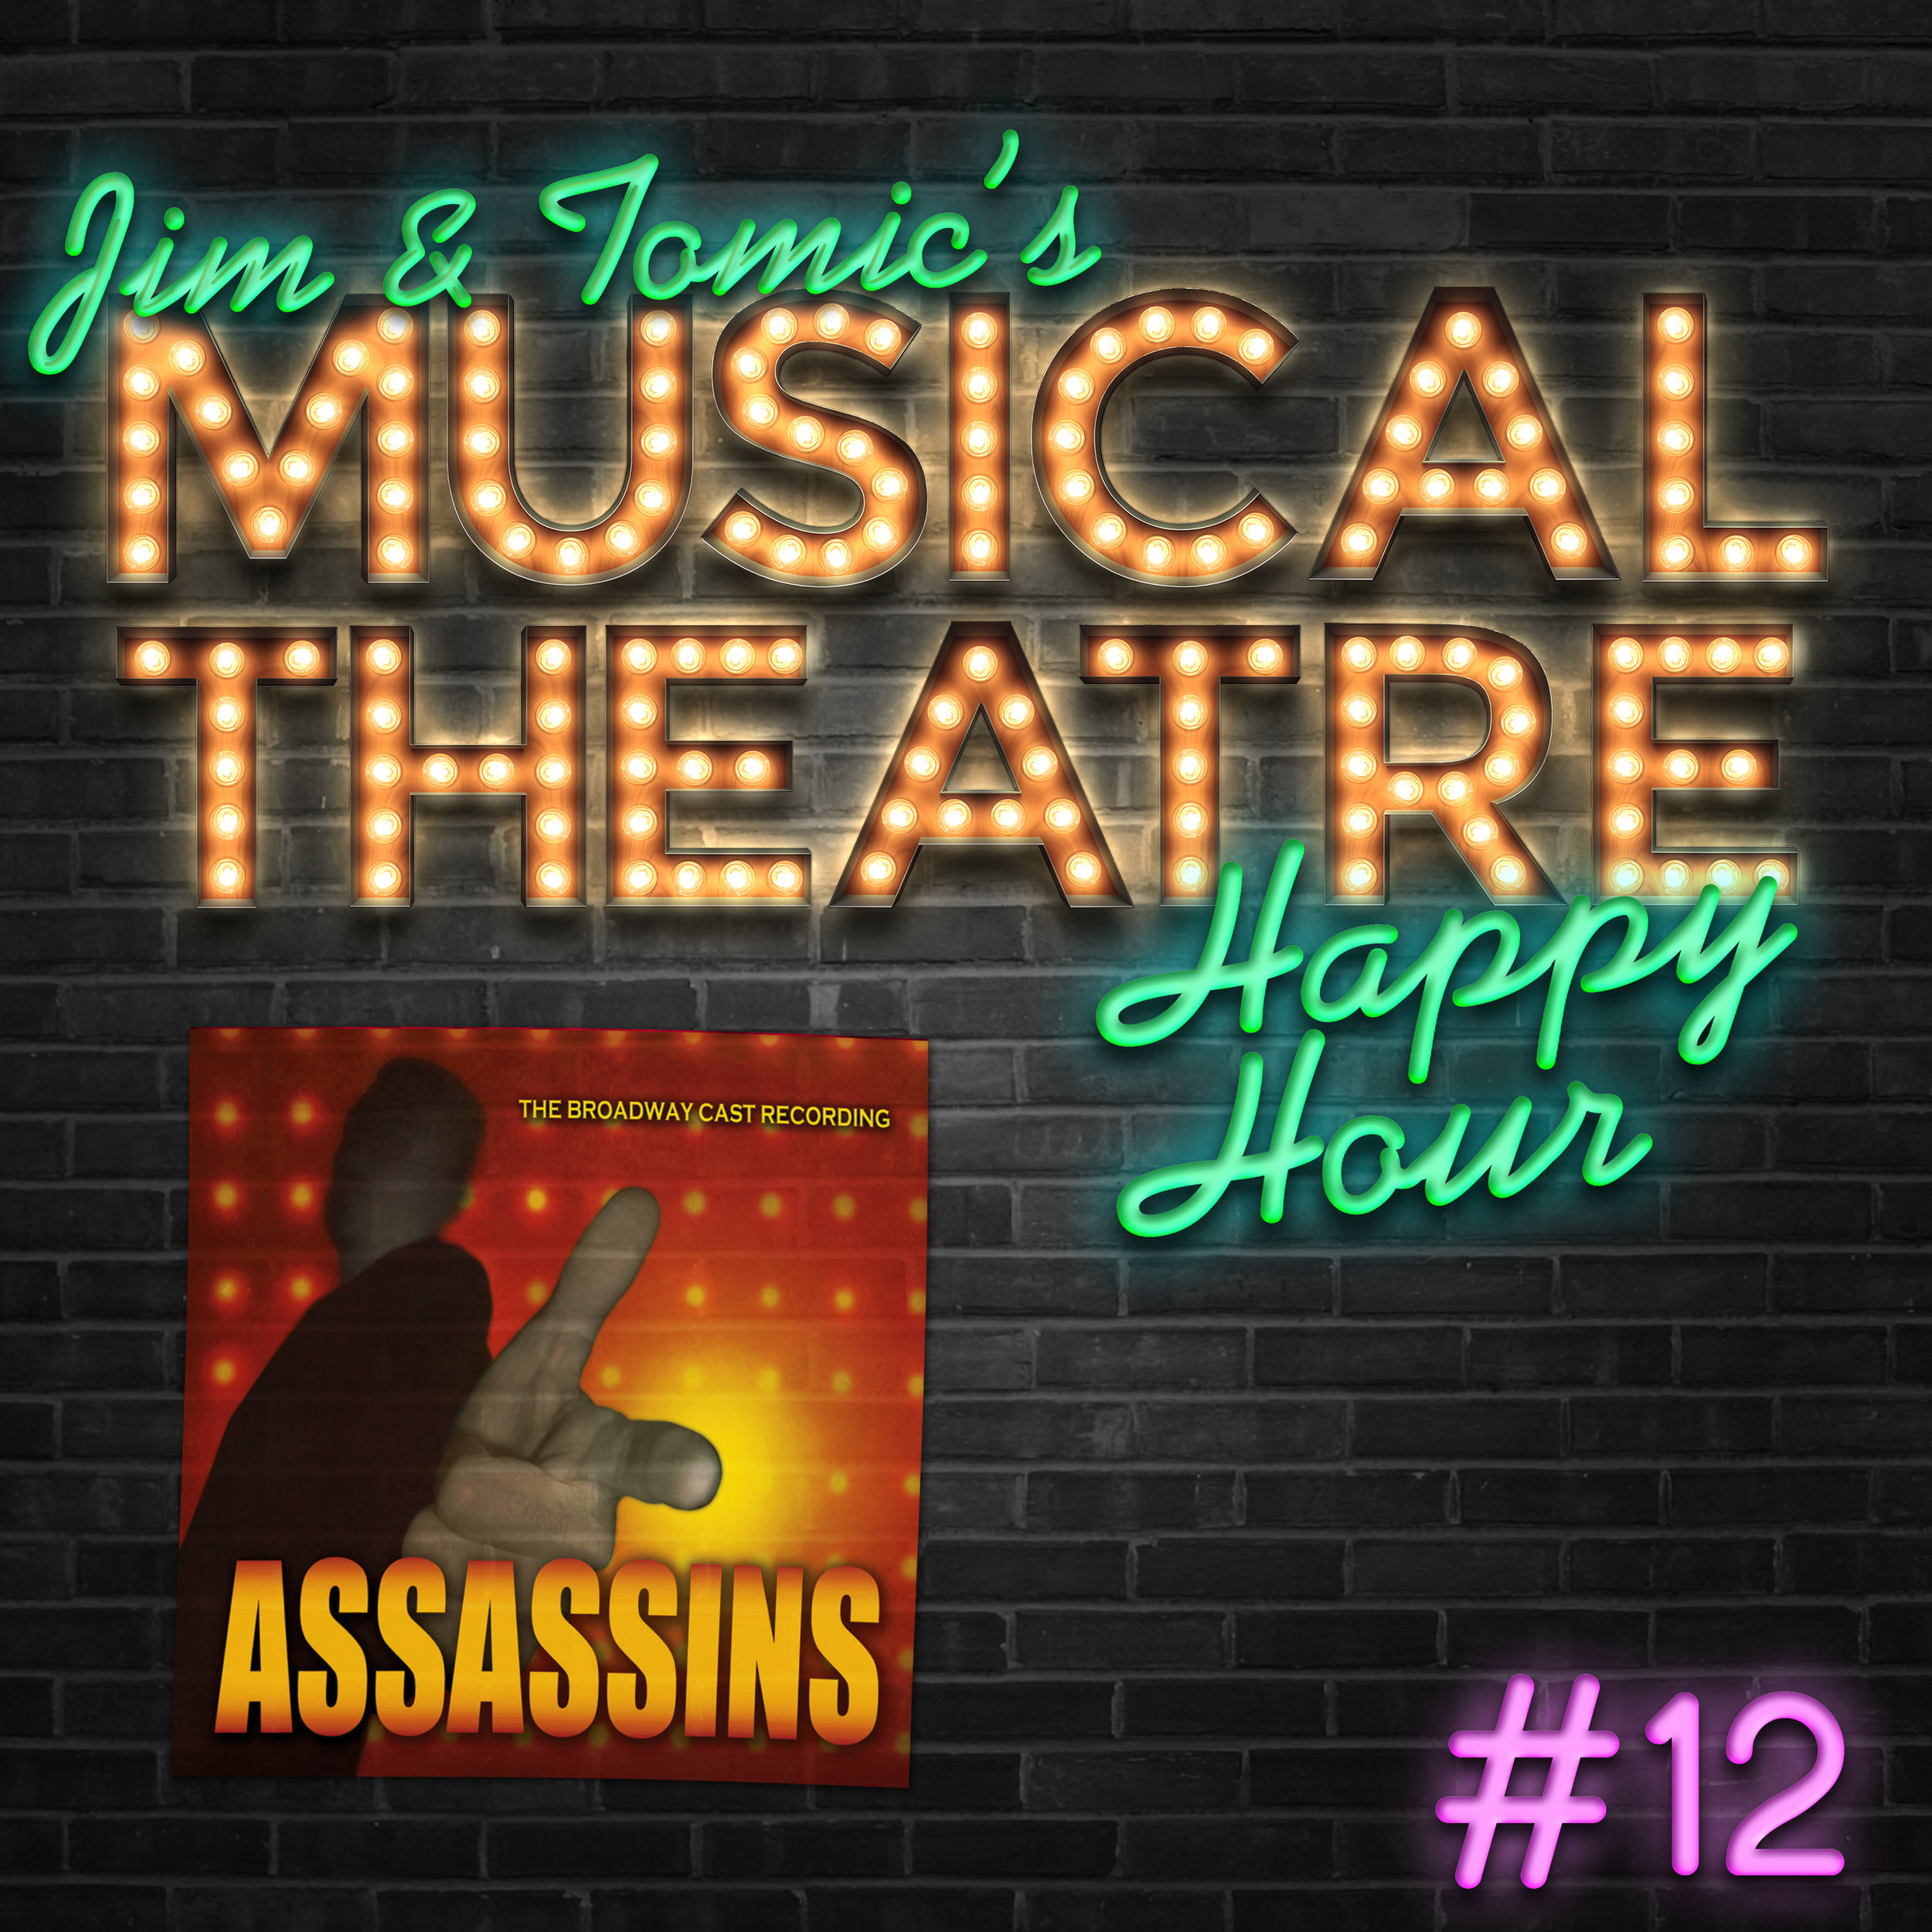 12 Happy Hour #12- An Assassinating Analysis - Assassins.jpg